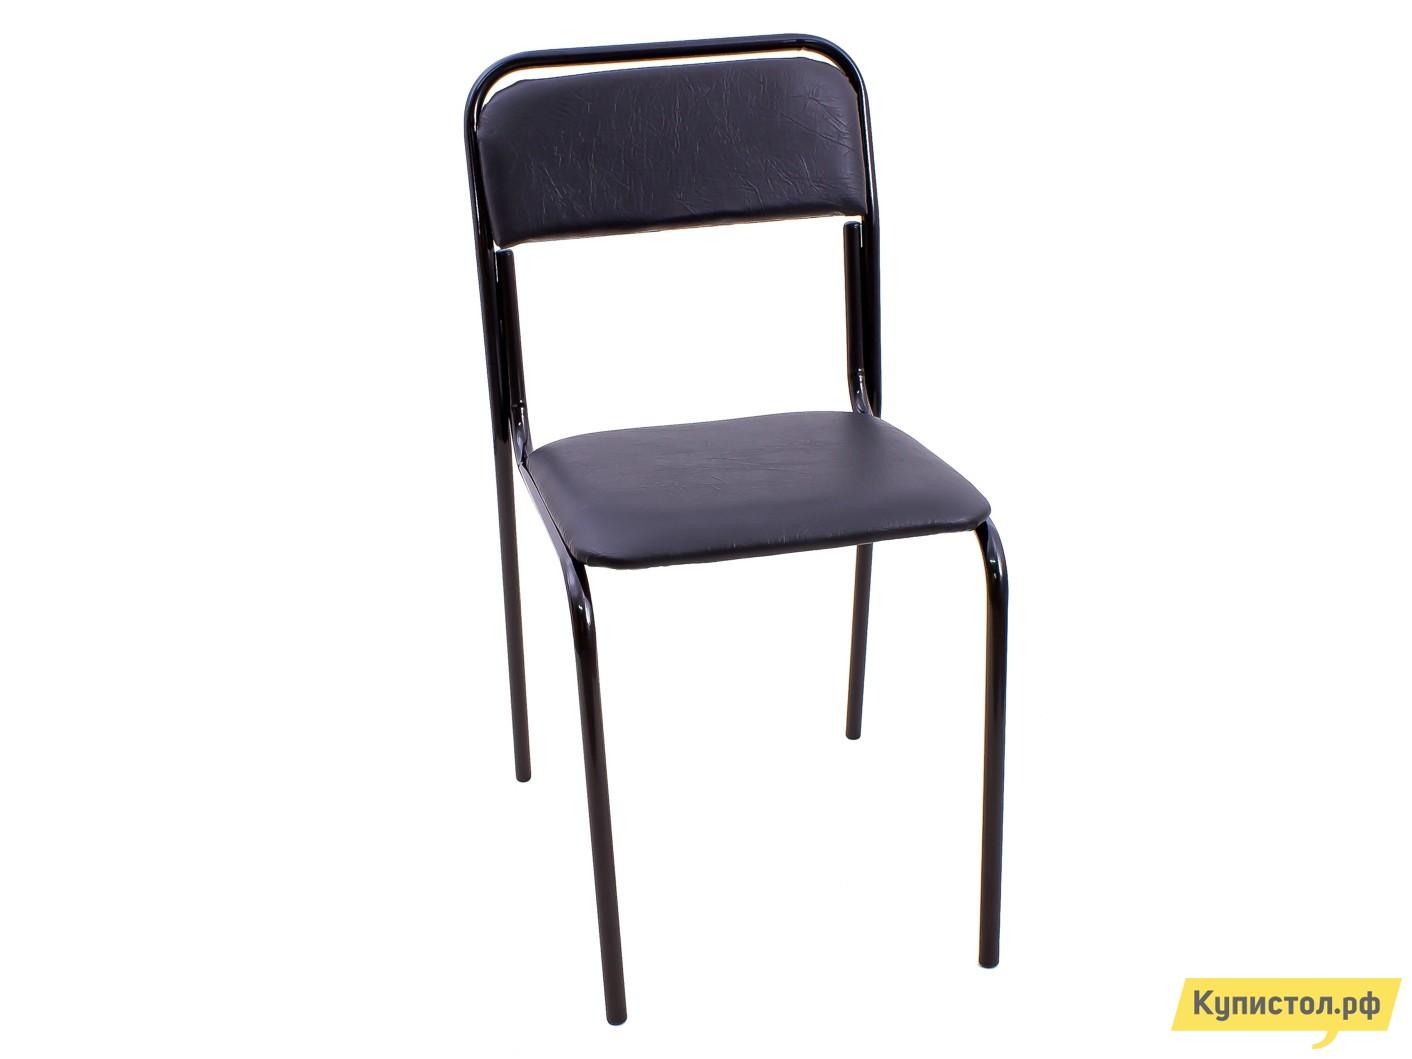 Офисный стул Пеликан Аскона Черный